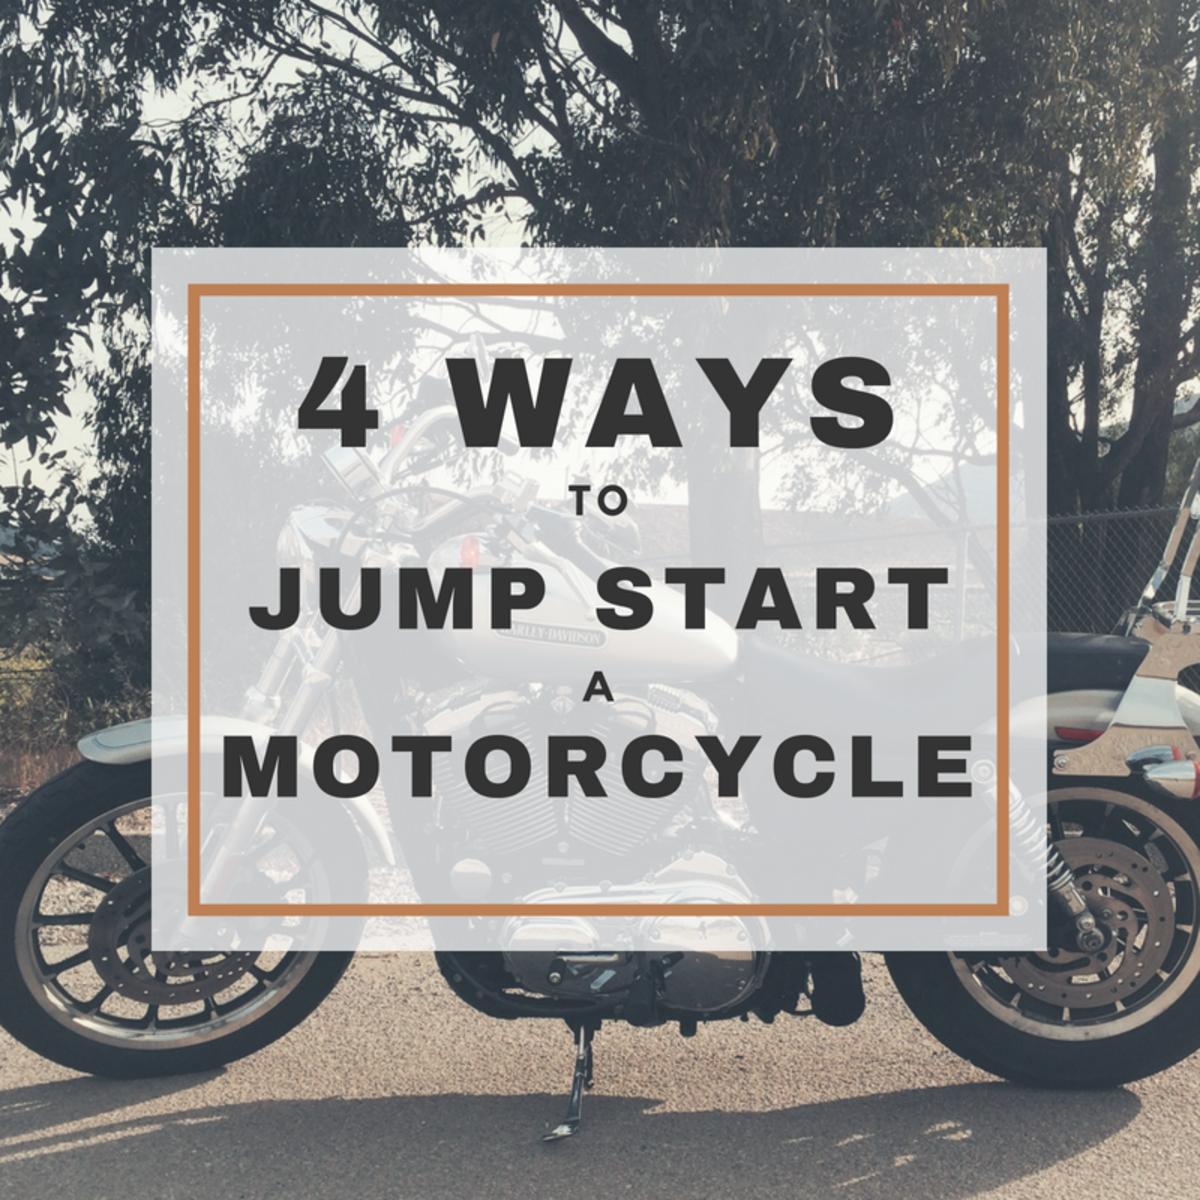 4 Ways to Jump Start a Motorcycle | AxleAddict